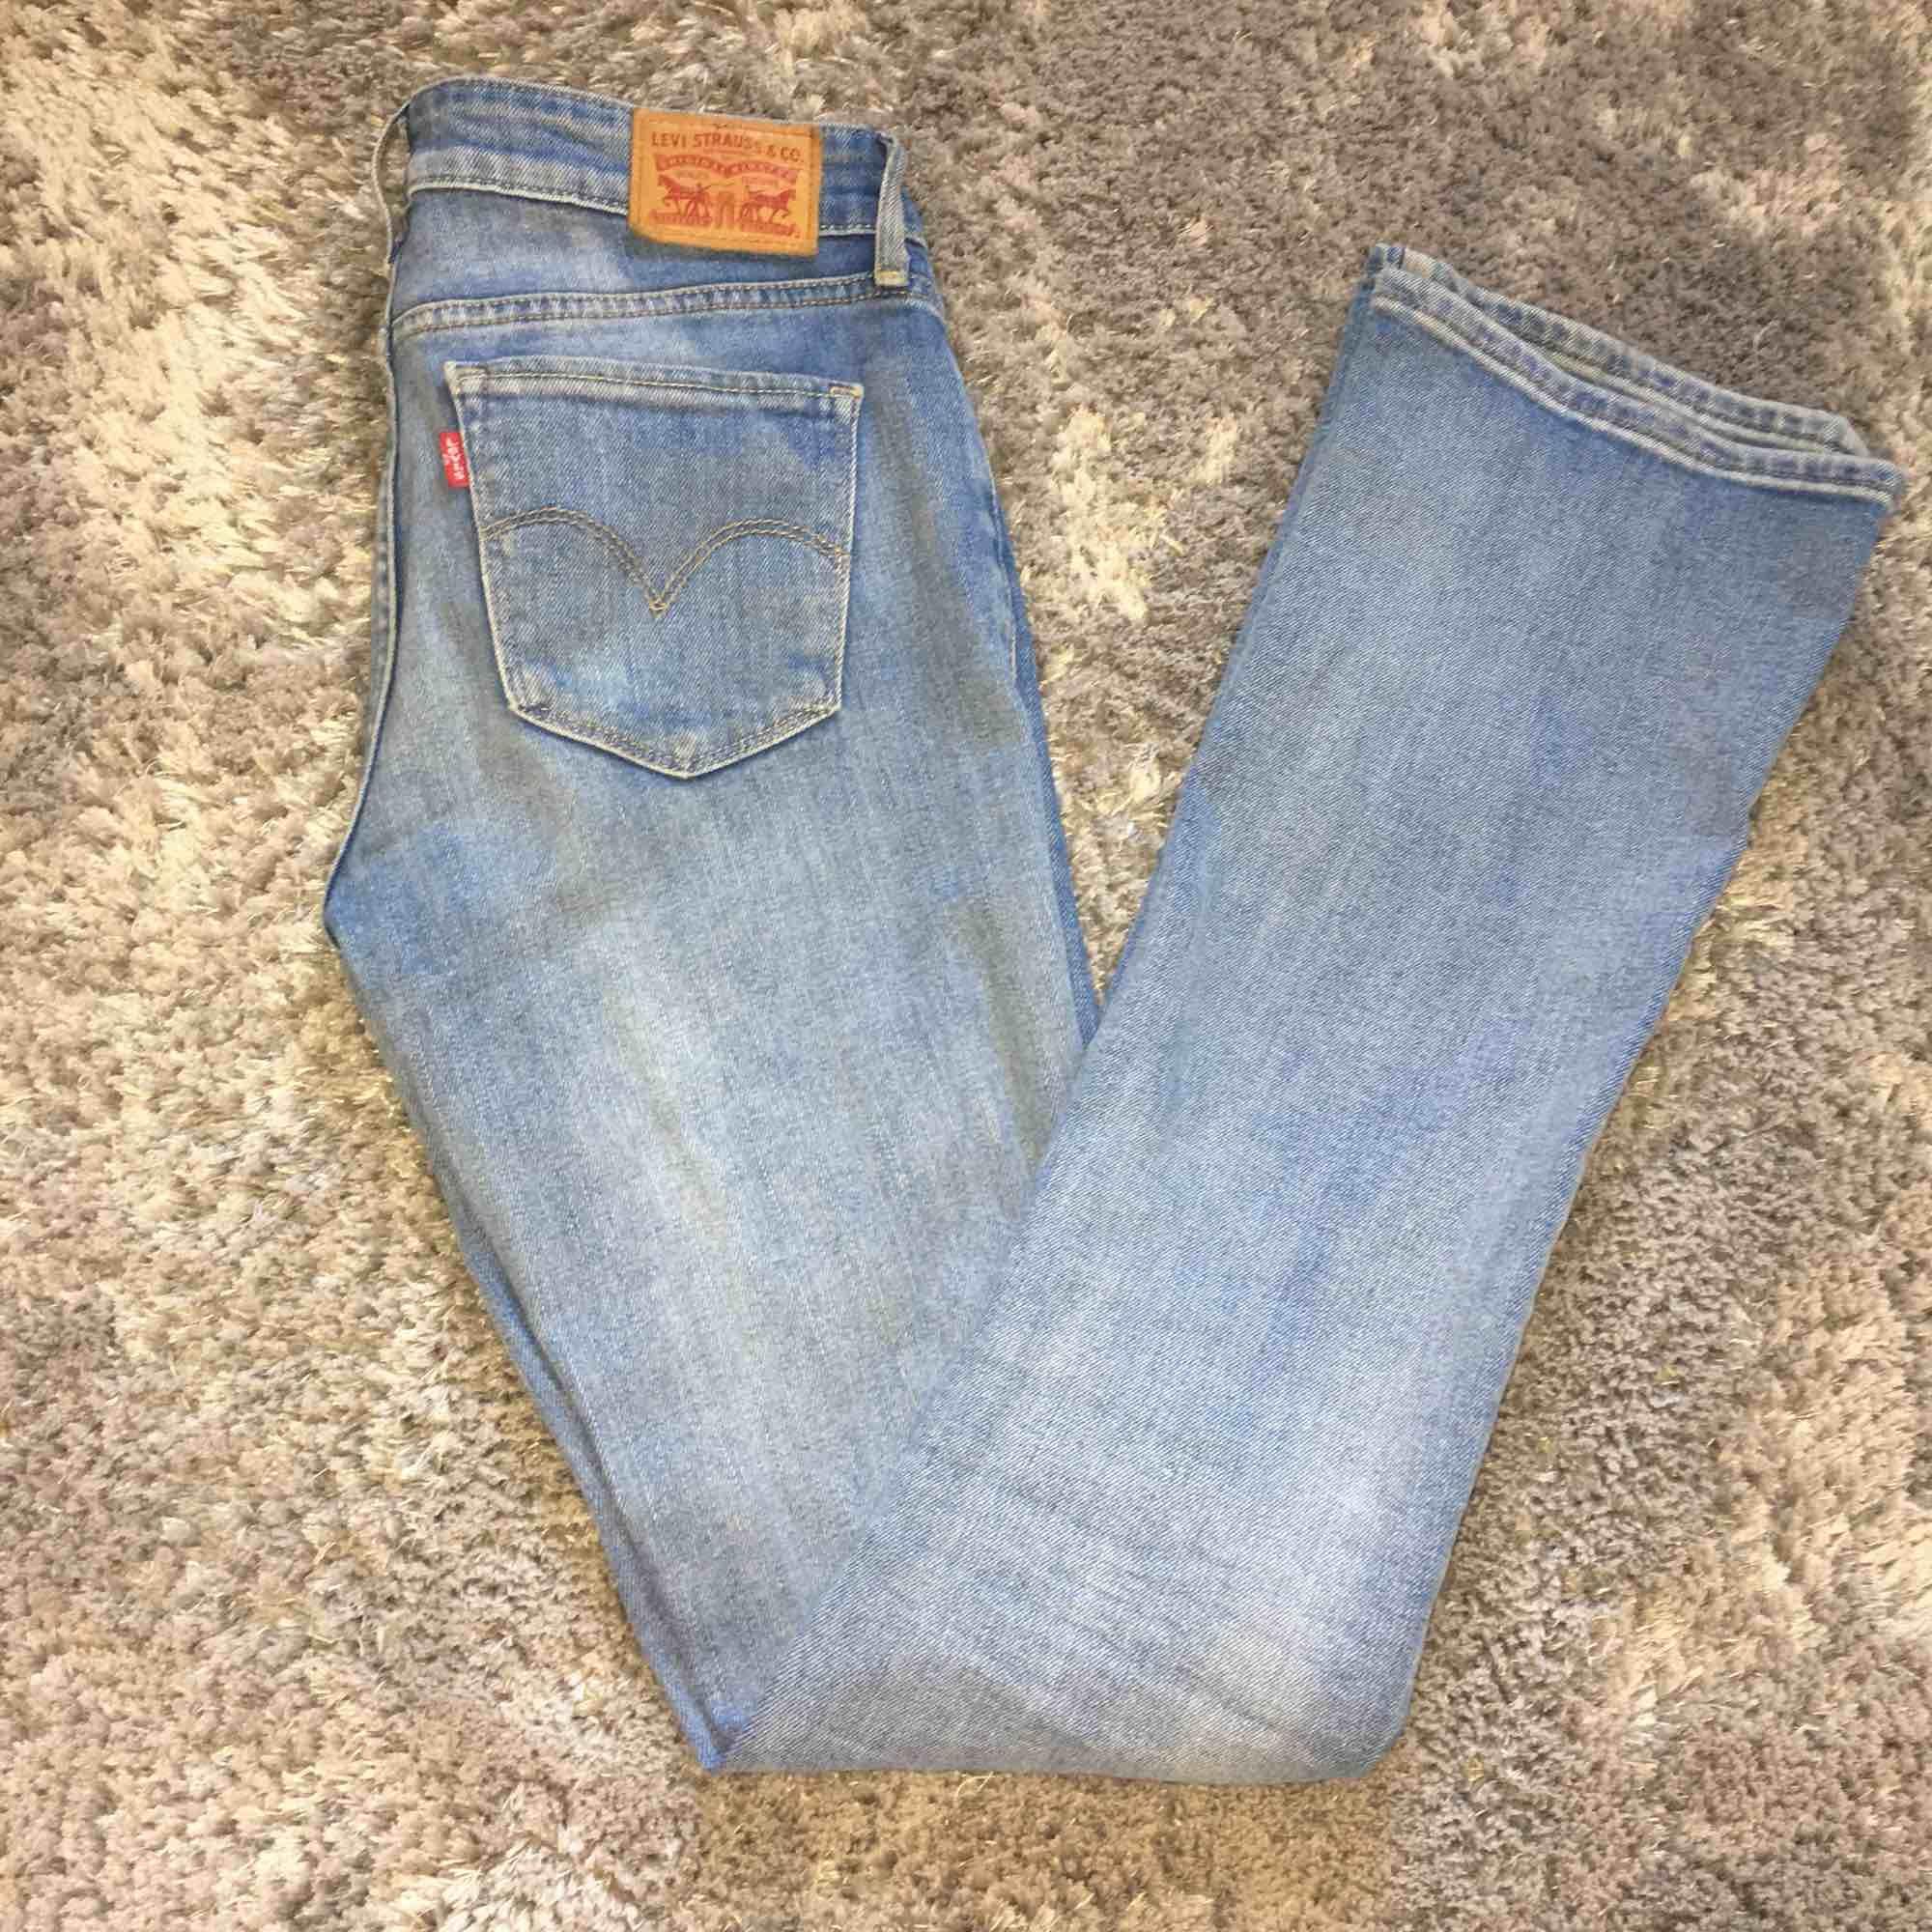 Ljusblå bootcut från Levis. Använd ett fåtal gånger men bra skick. Storlek W25/L34 249+frakt Obs! Det är inte fläckar på byxorna det är ljuset . Jeans & Byxor.